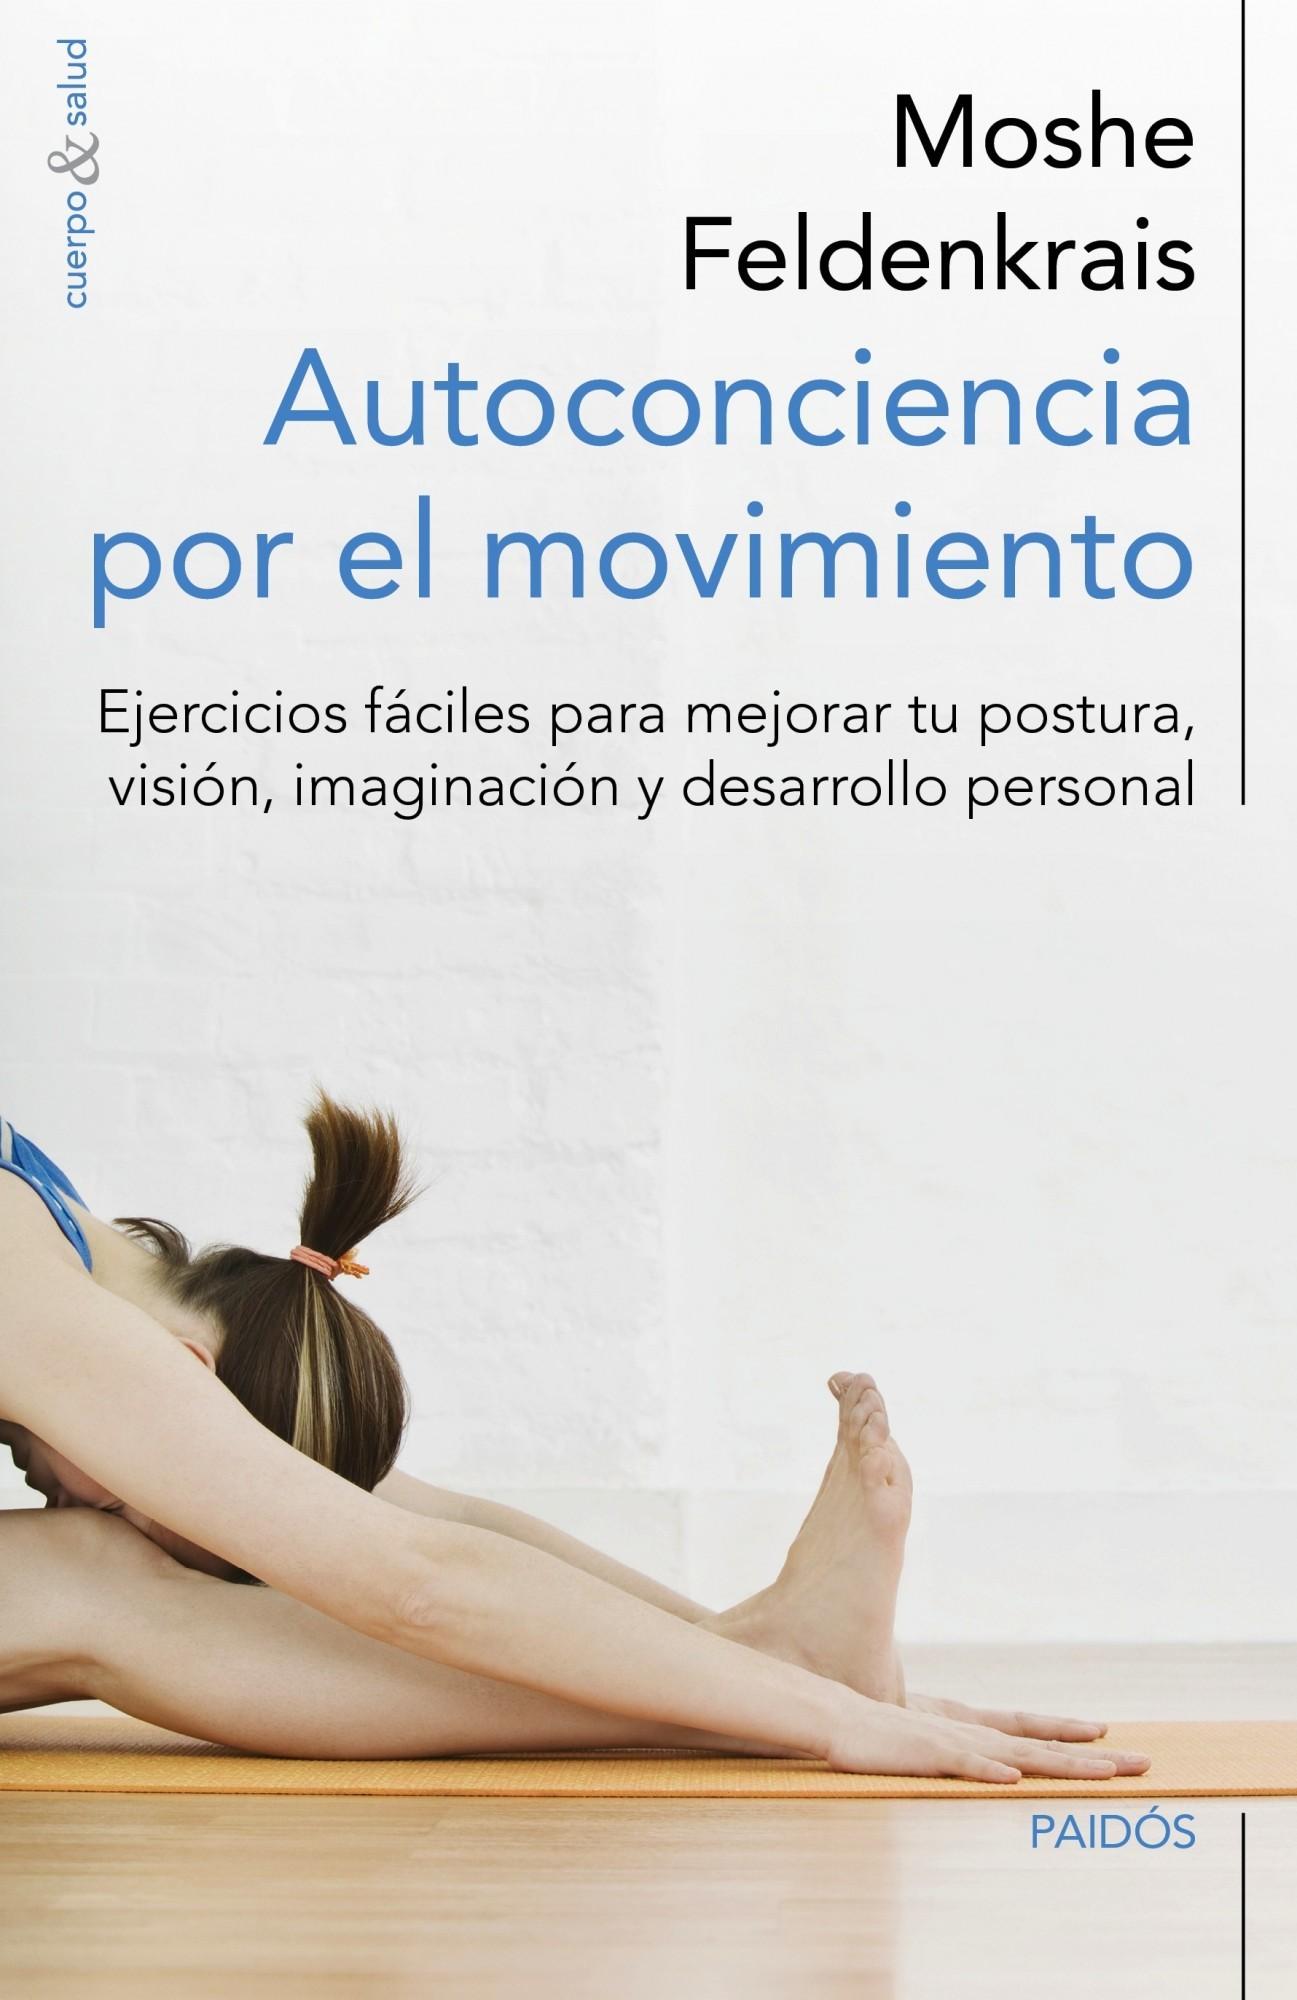 AUTOCONCIENCIA POR EL MOVIMIENTO: EJERCICIOS FÁCILES PARA MEJORAR TU POSTURA, VISIÓN, IMAGINACIÓN...